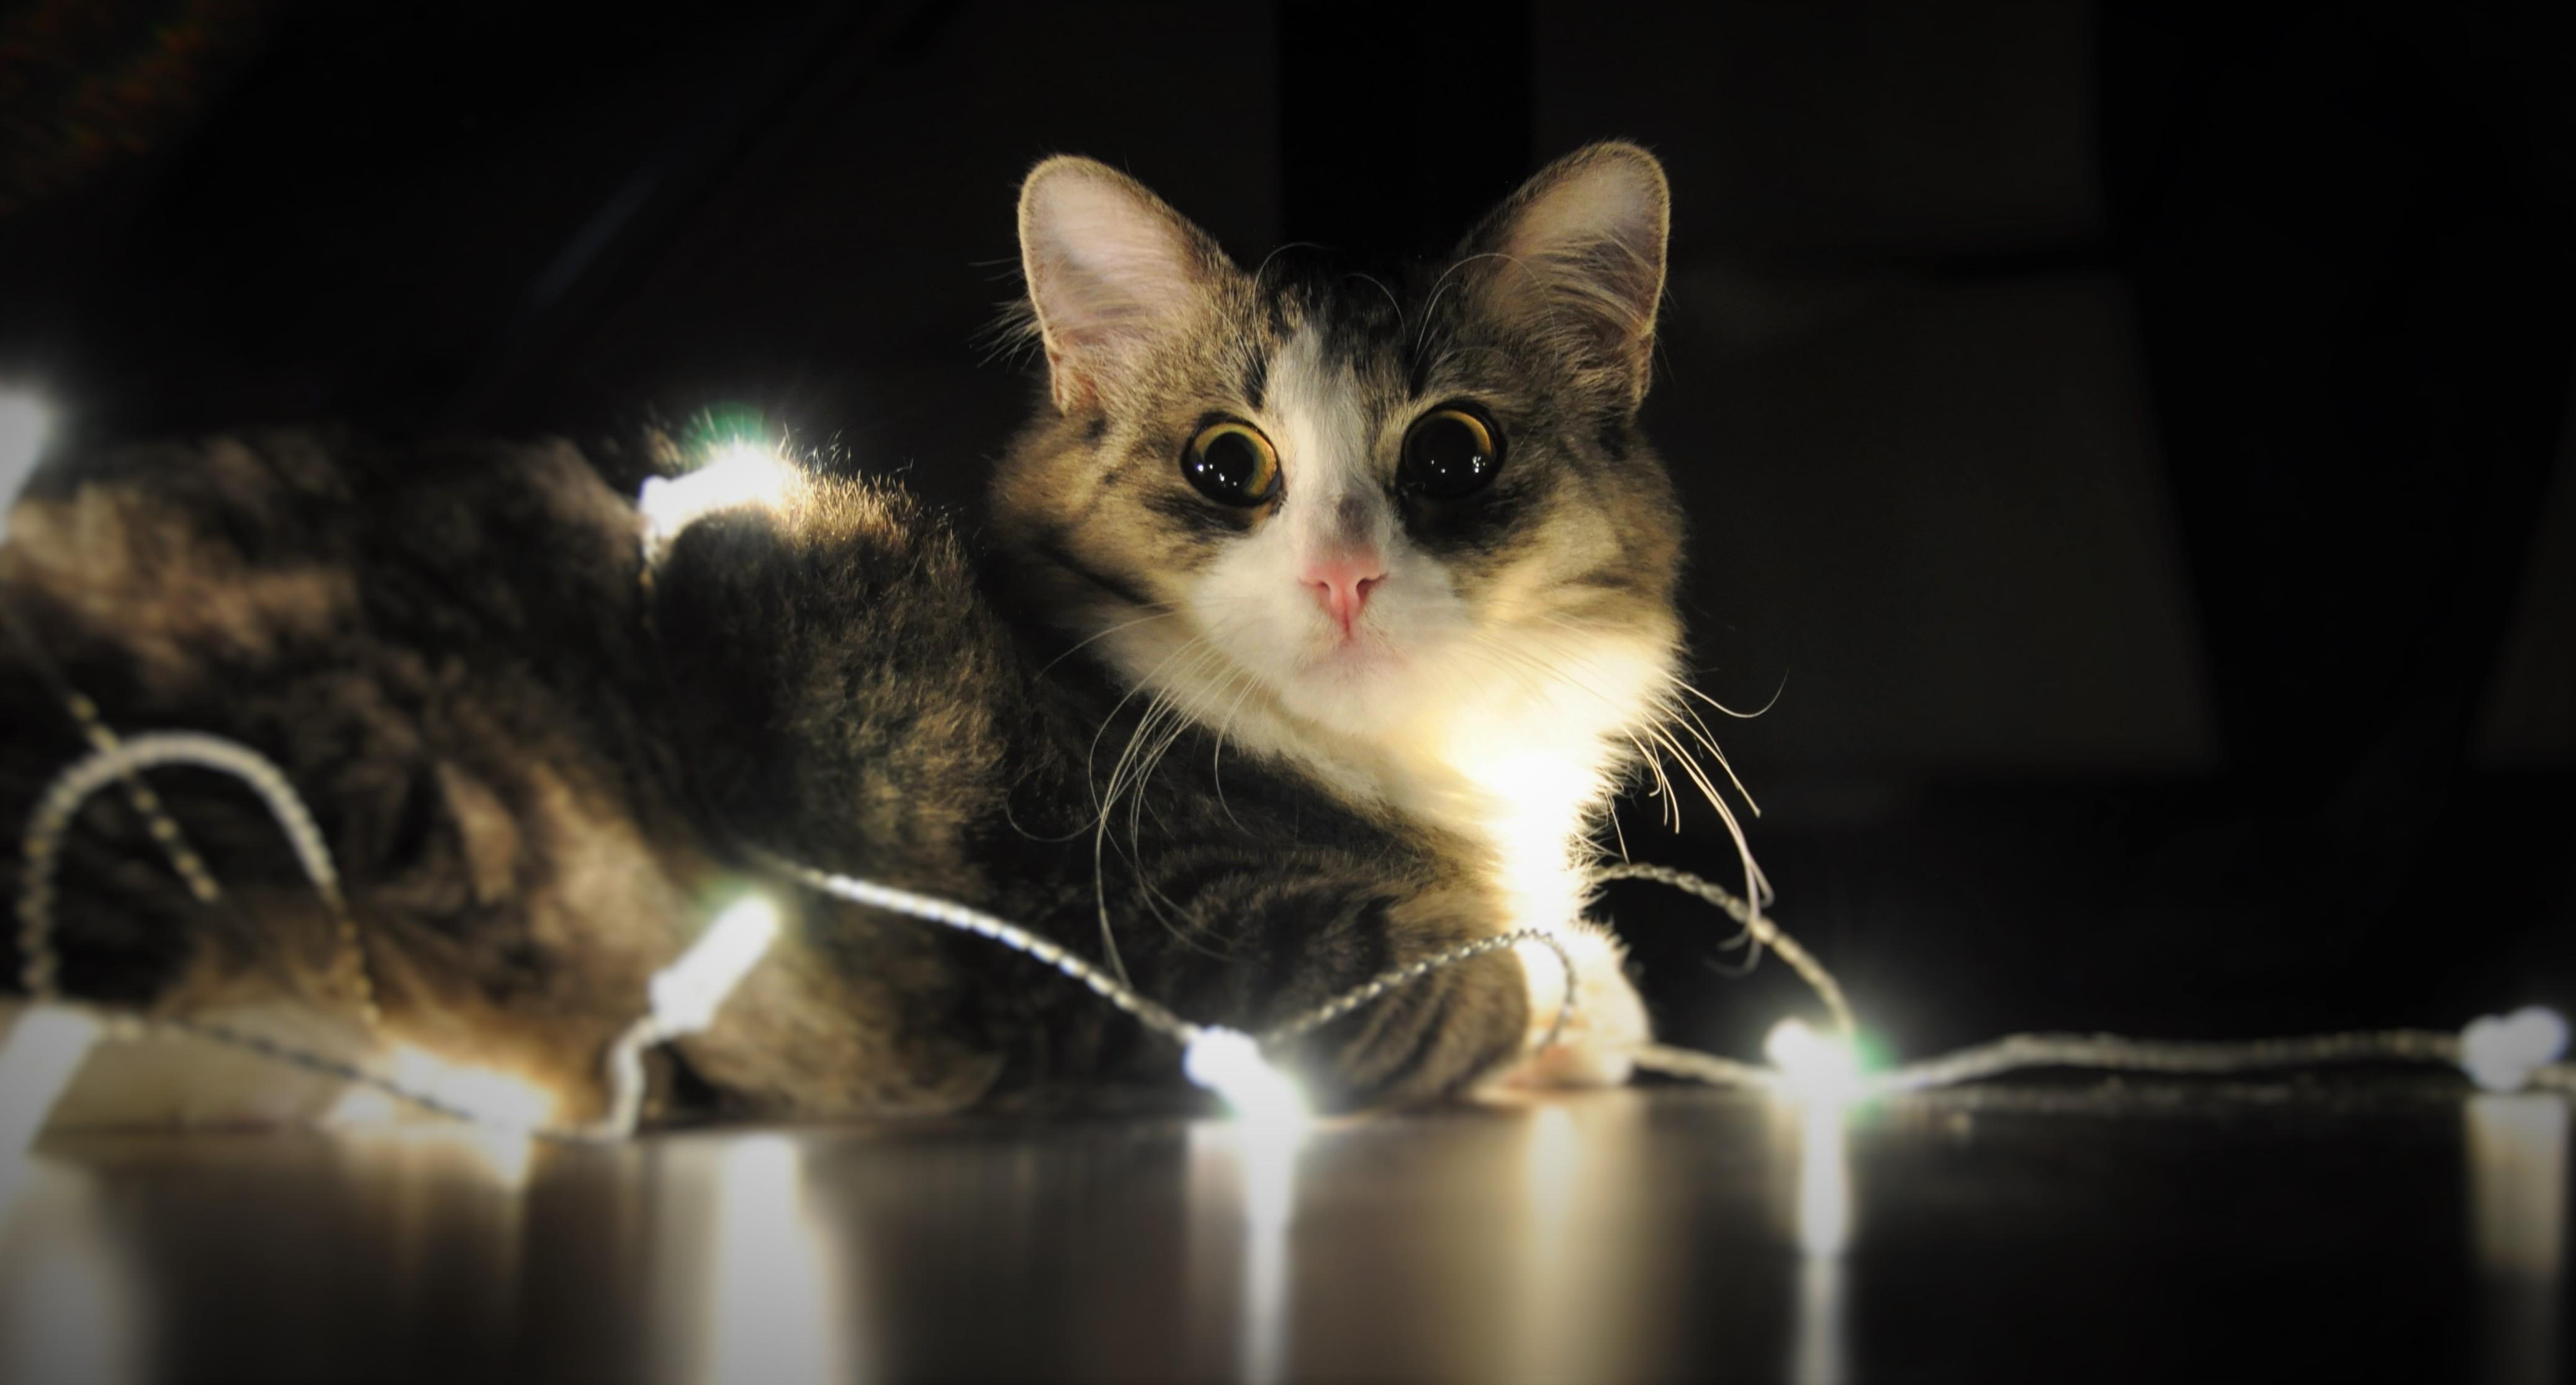 Wallpaper : whiskers, New Year, kitten, vertebrate, cat like